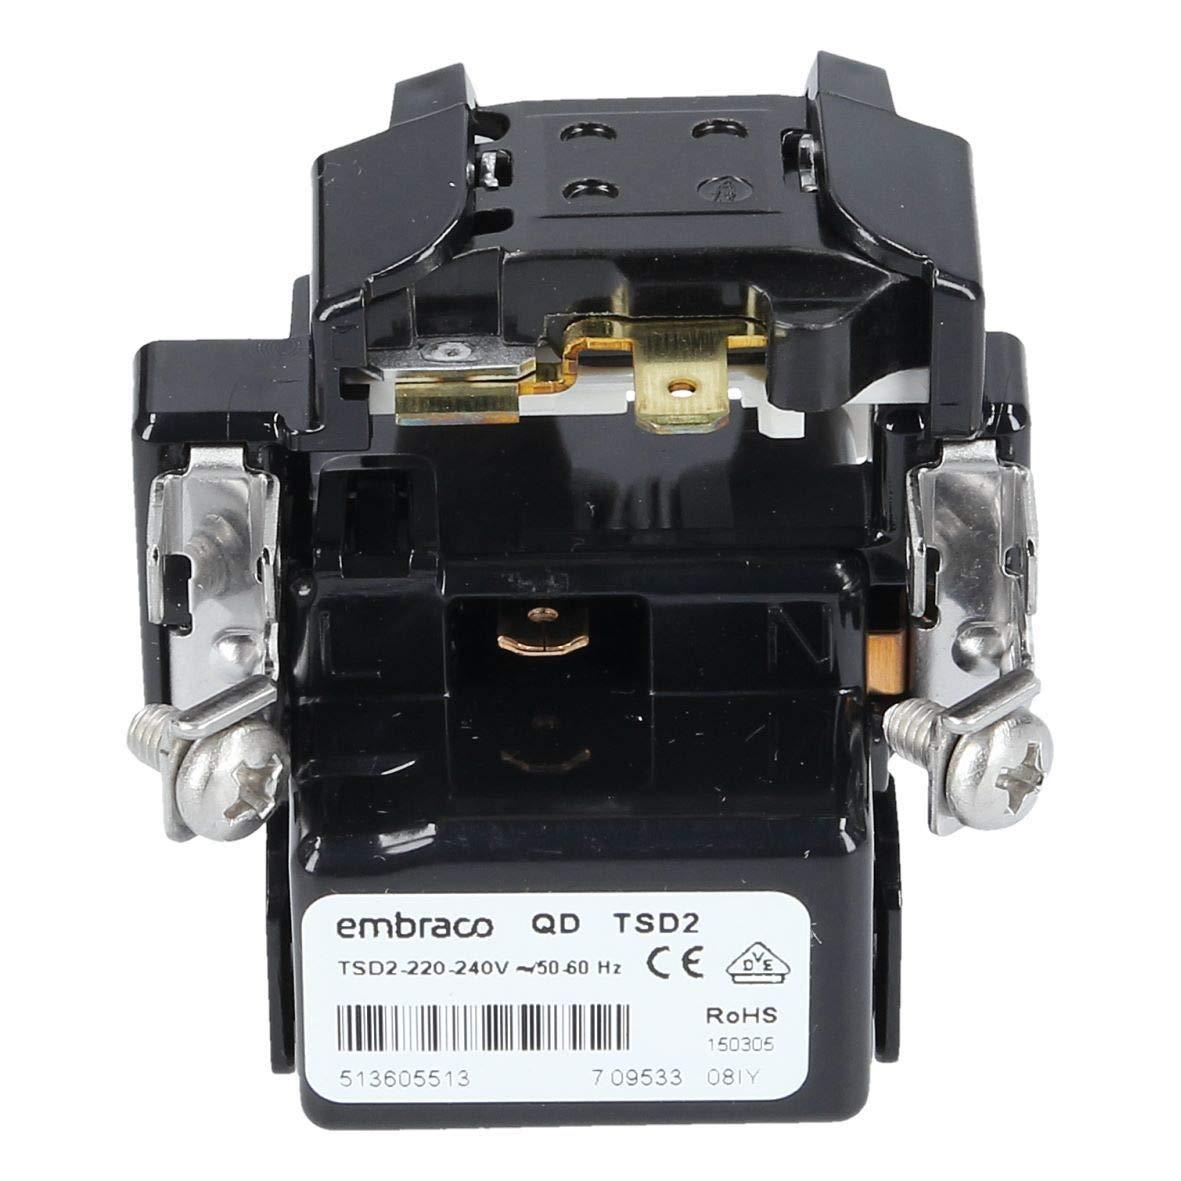 Nachtaufnahmen DMAX Full HD Dash-Kamera mit Fahrzeug Daten/übertragung per OBD Anschluss 1920x1080 Px Videoaufl/ösung f/ür Tages- 170/° Erfassungswinkel und WiFi